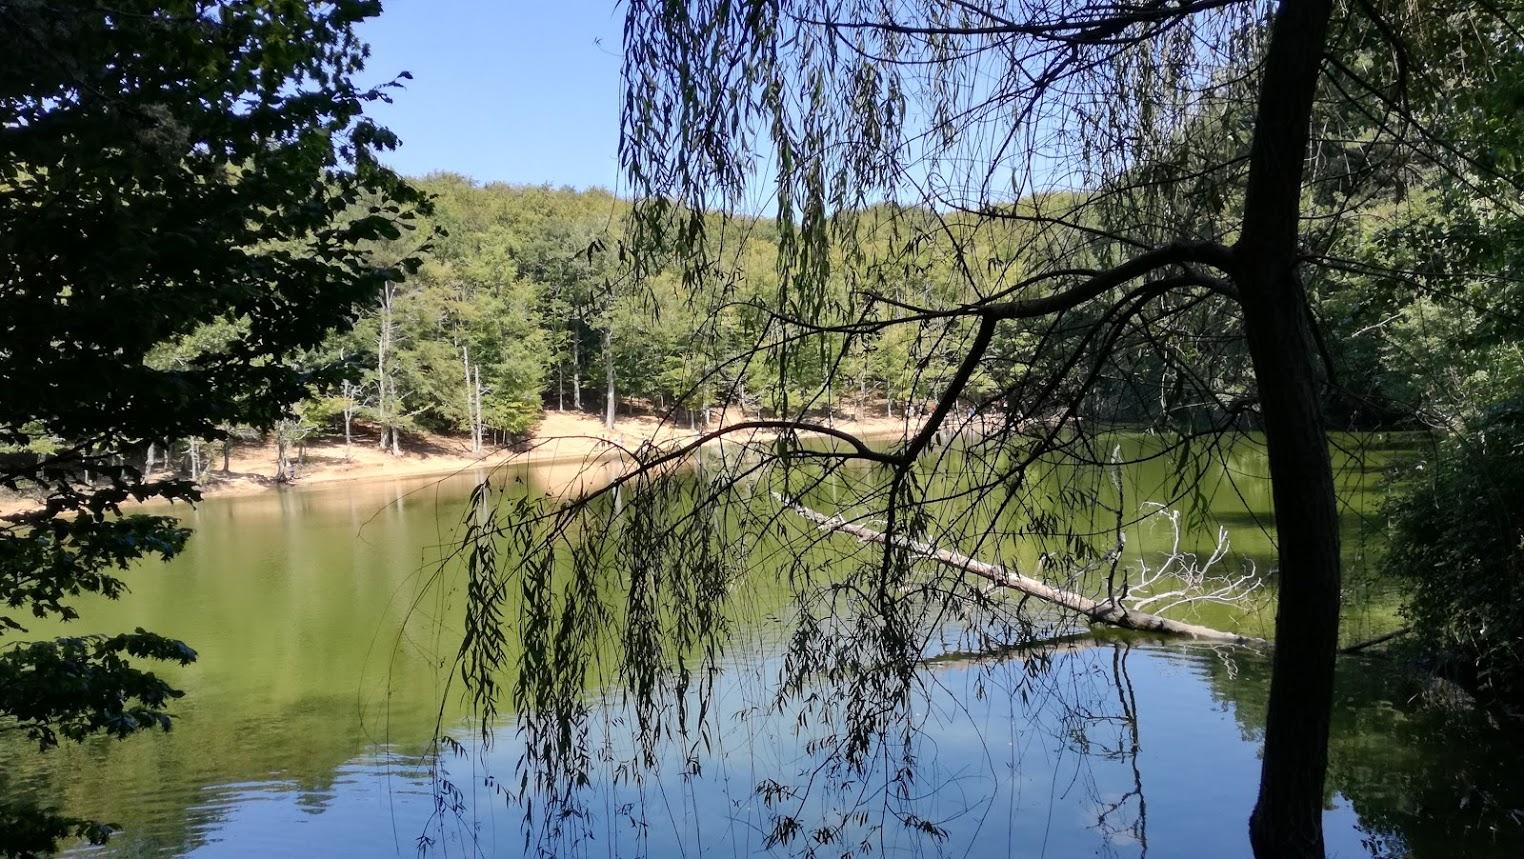 La foresta umbra for Cabine della foresta lacustre